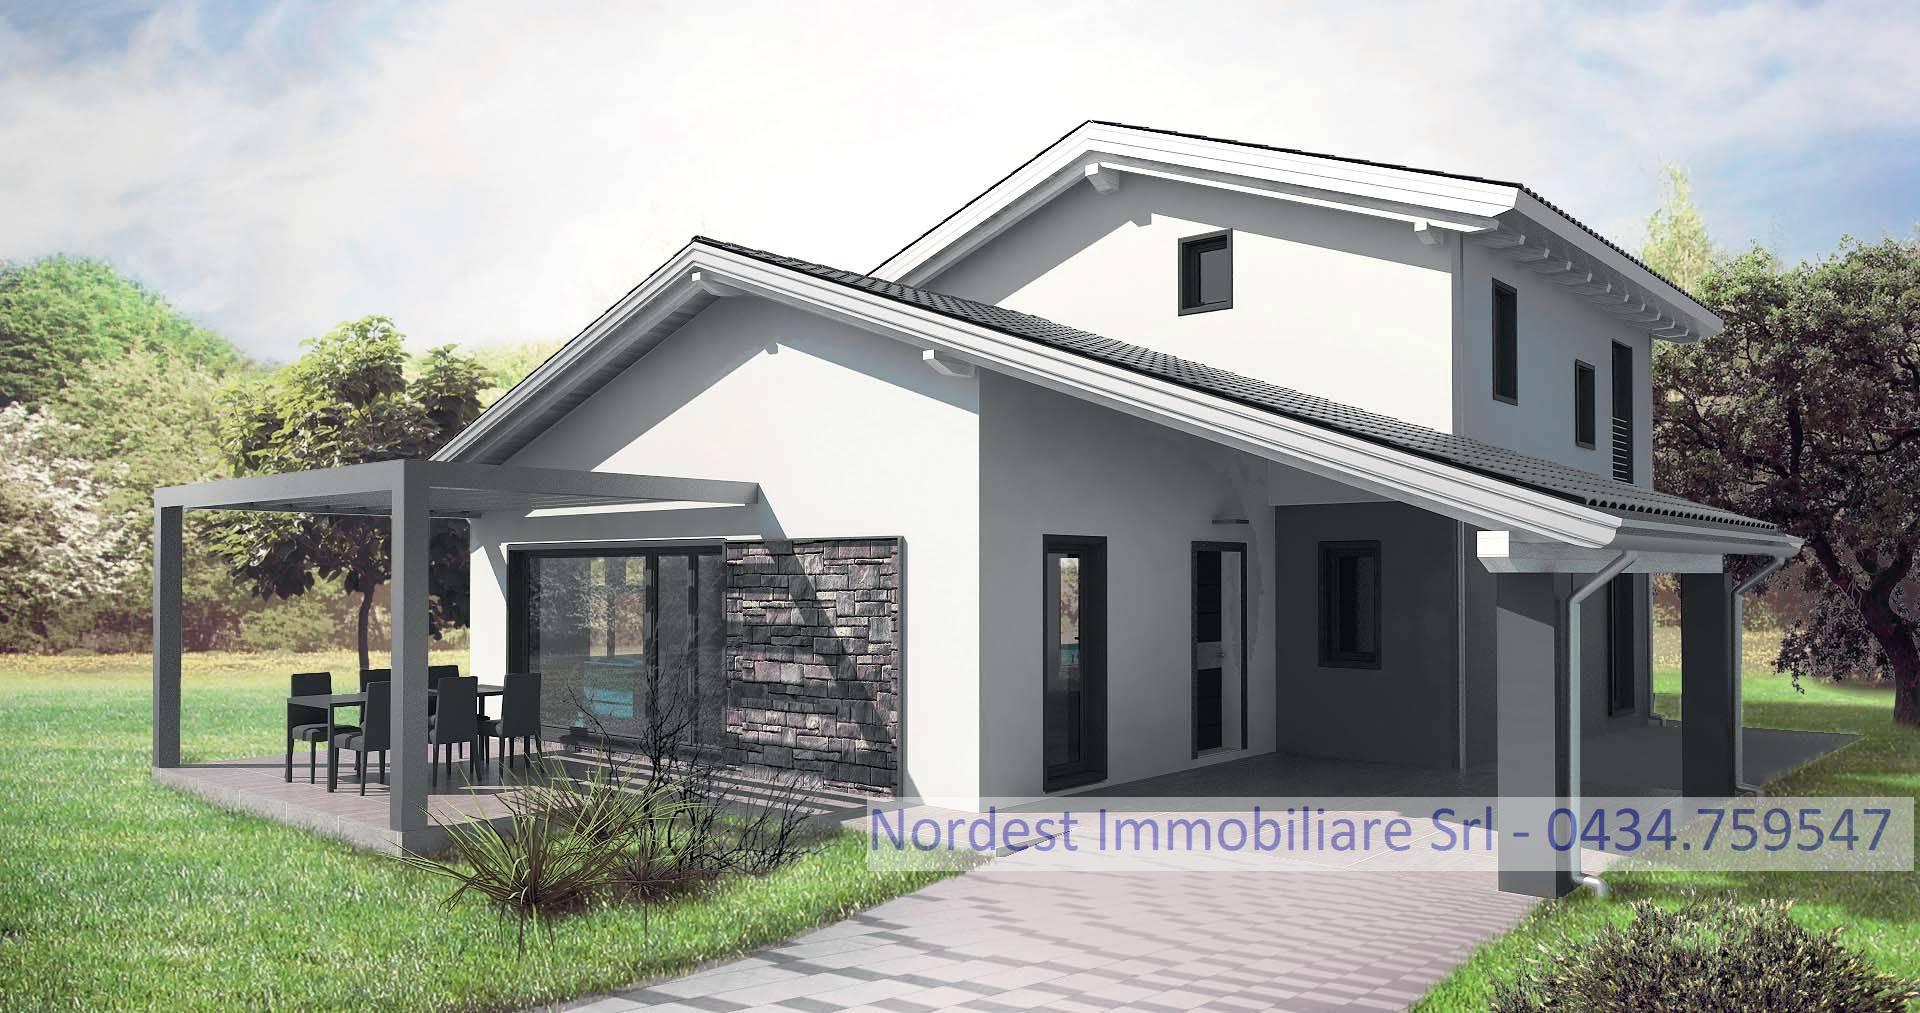 Soluzione Indipendente in vendita a Pedavena, 6 locali, prezzo € 160.000 | CambioCasa.it